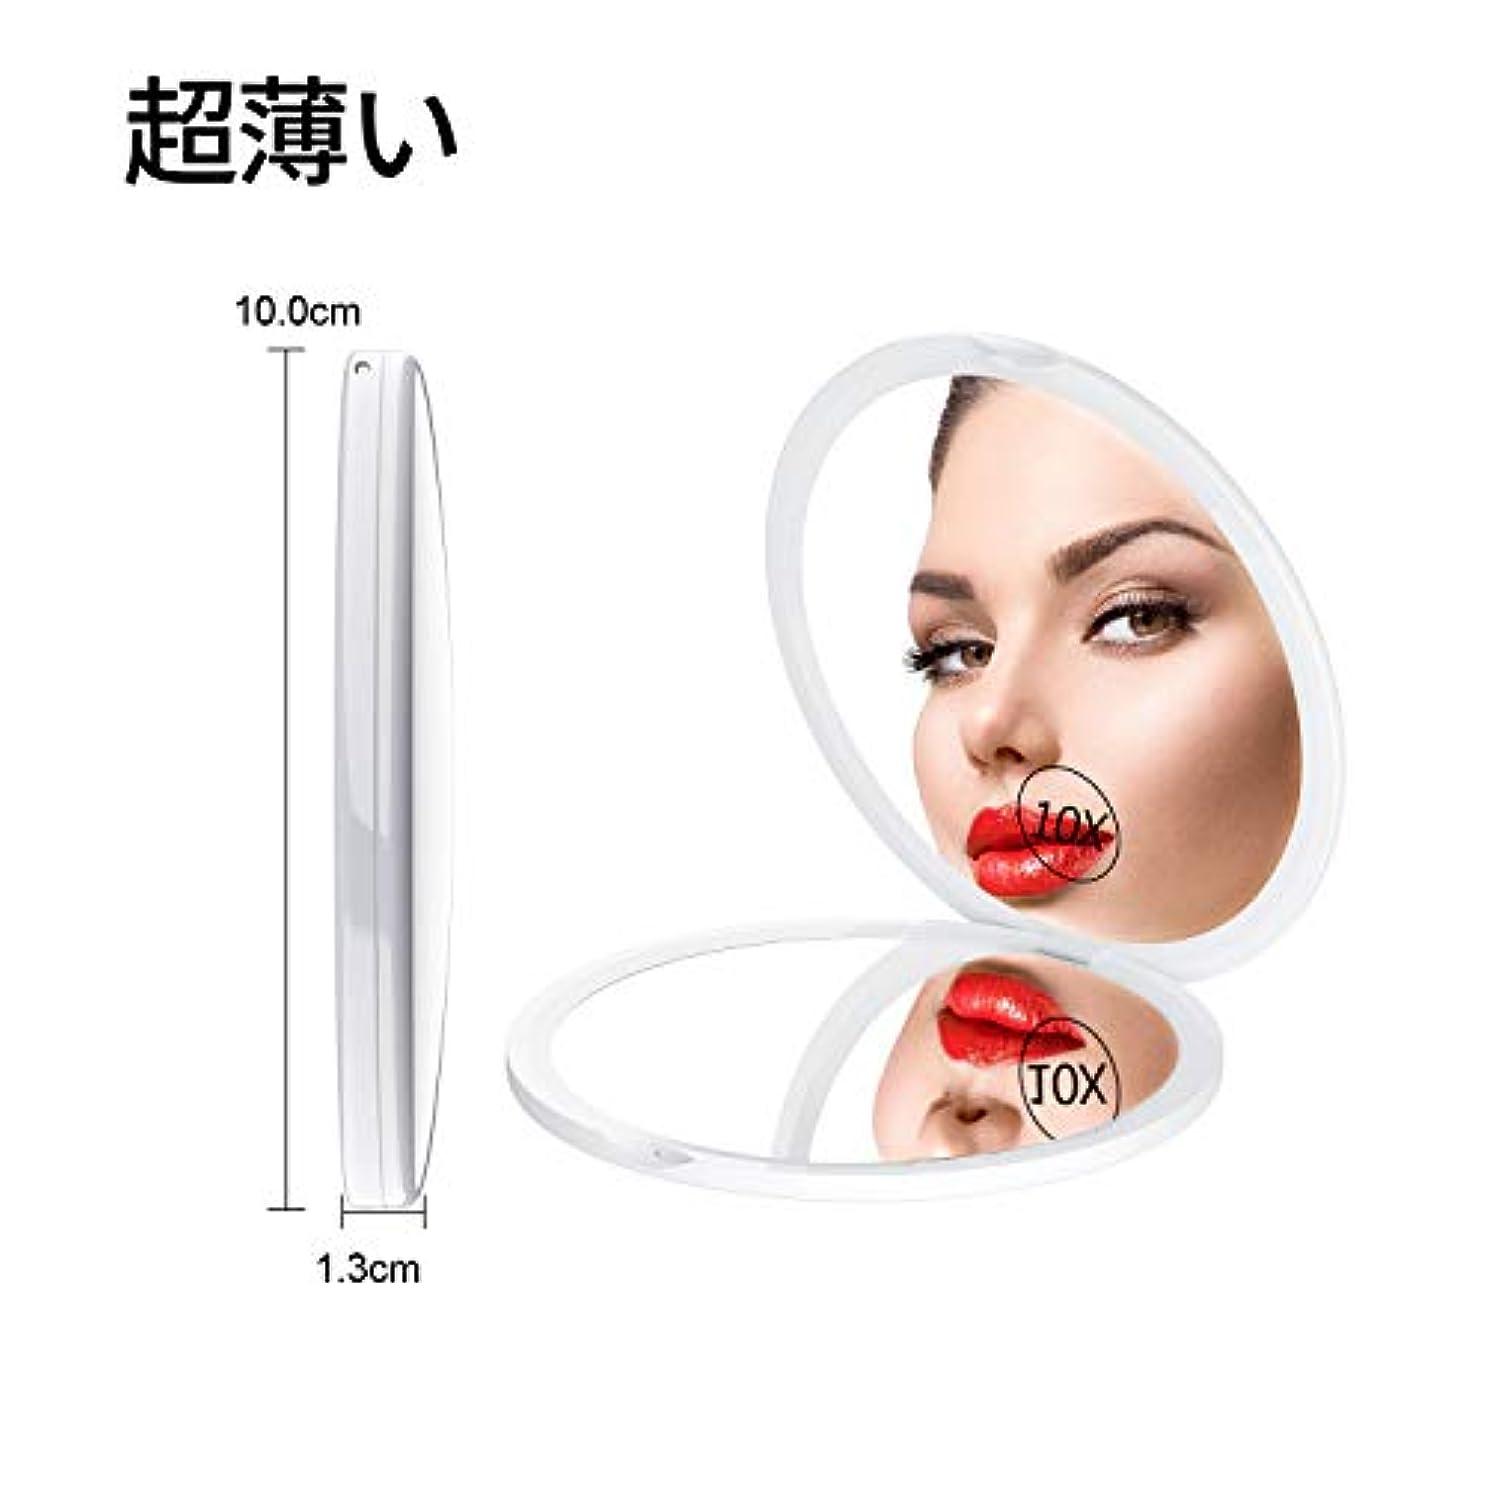 麦芽矛盾するケージミラー 鏡 10倍拡大鏡付 両面コンパクトミラー 拡大ミラー 両面化粧鏡 コンパクト拡大ミラー メイクミラー 携帯ミラー 両面鏡 折りたたみミラー 角度調整可 ホワイト Gospire